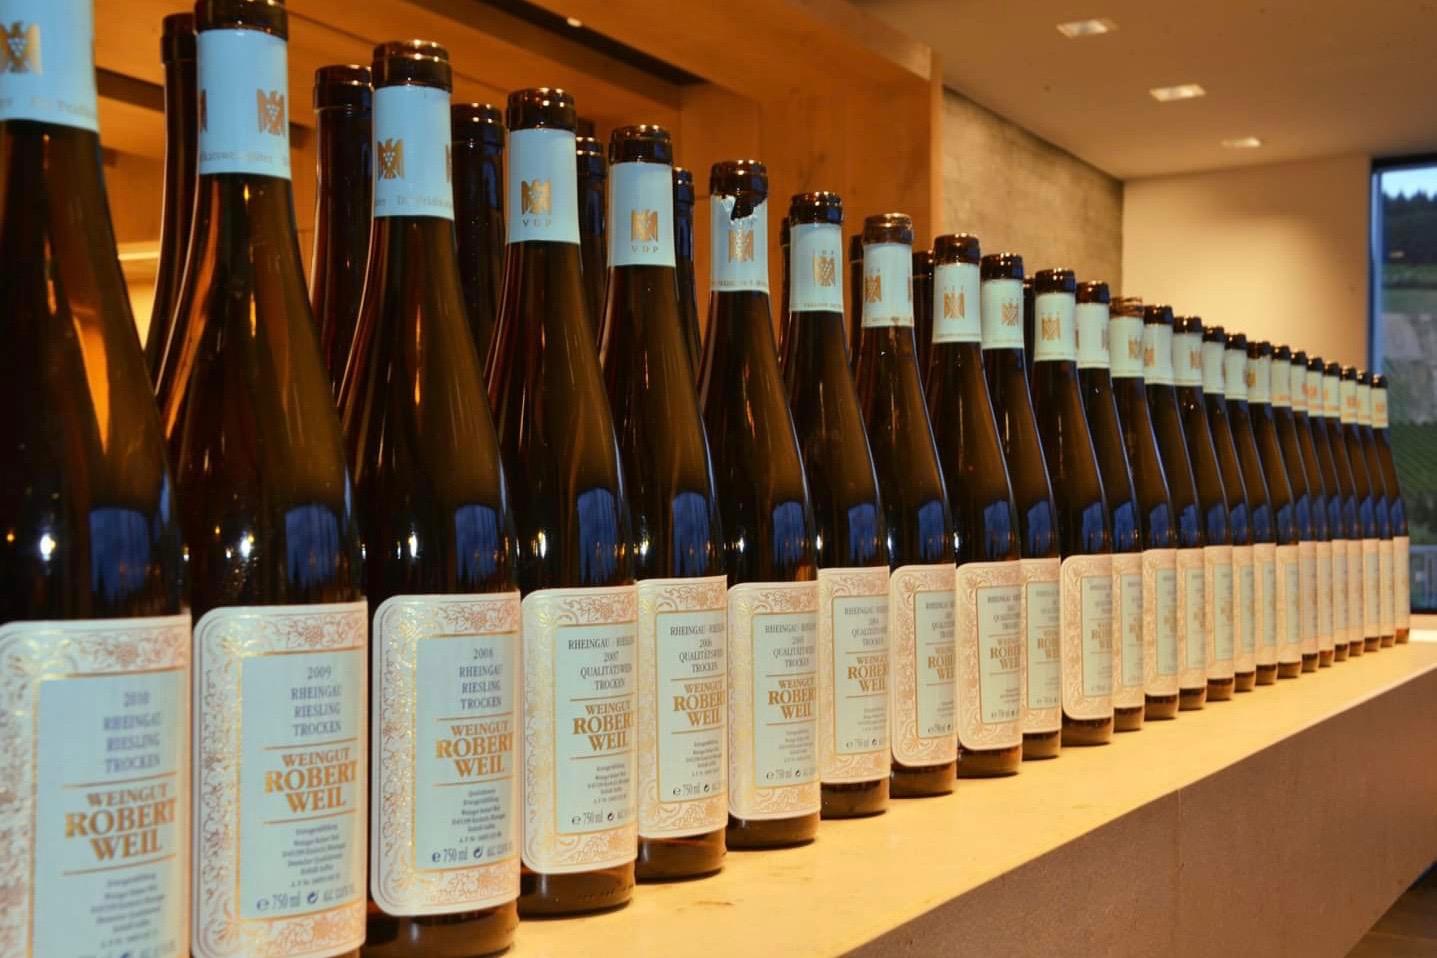 DR.ROBERT WEIL -izuzetna kvaliteta i beskrajna strast spojena u jedinstvena vina